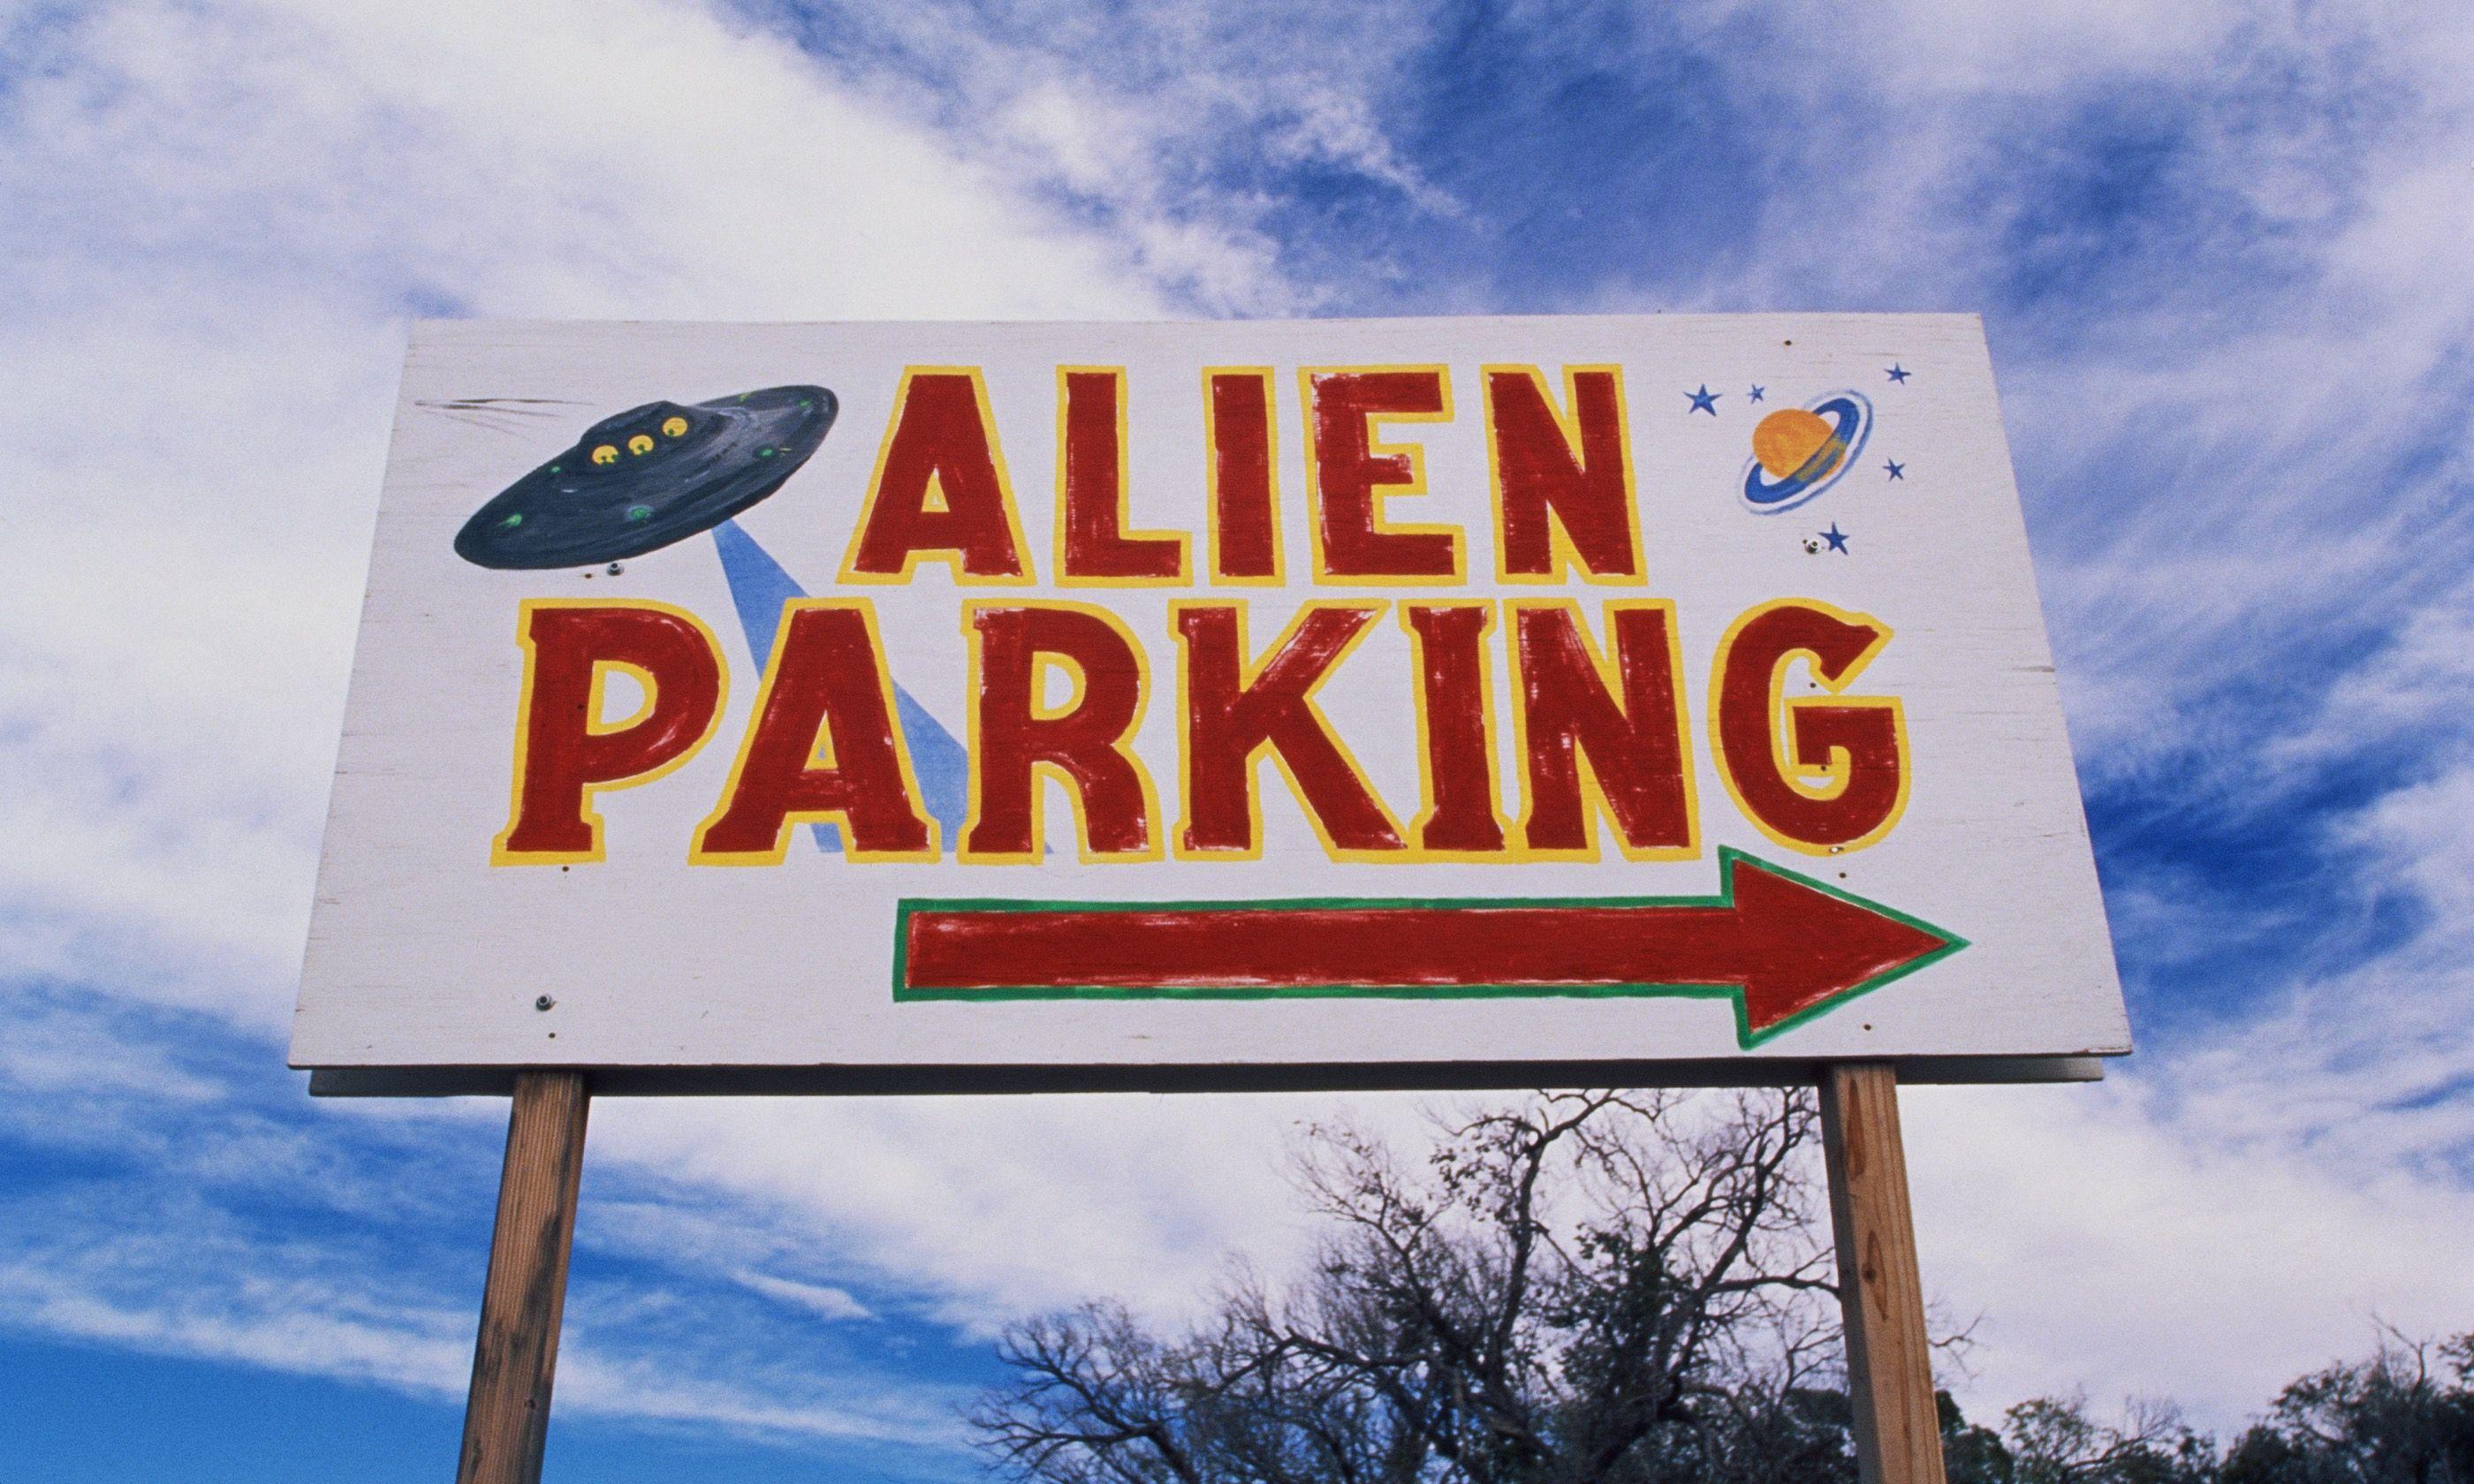 Alien parking lot (Dreamstime)